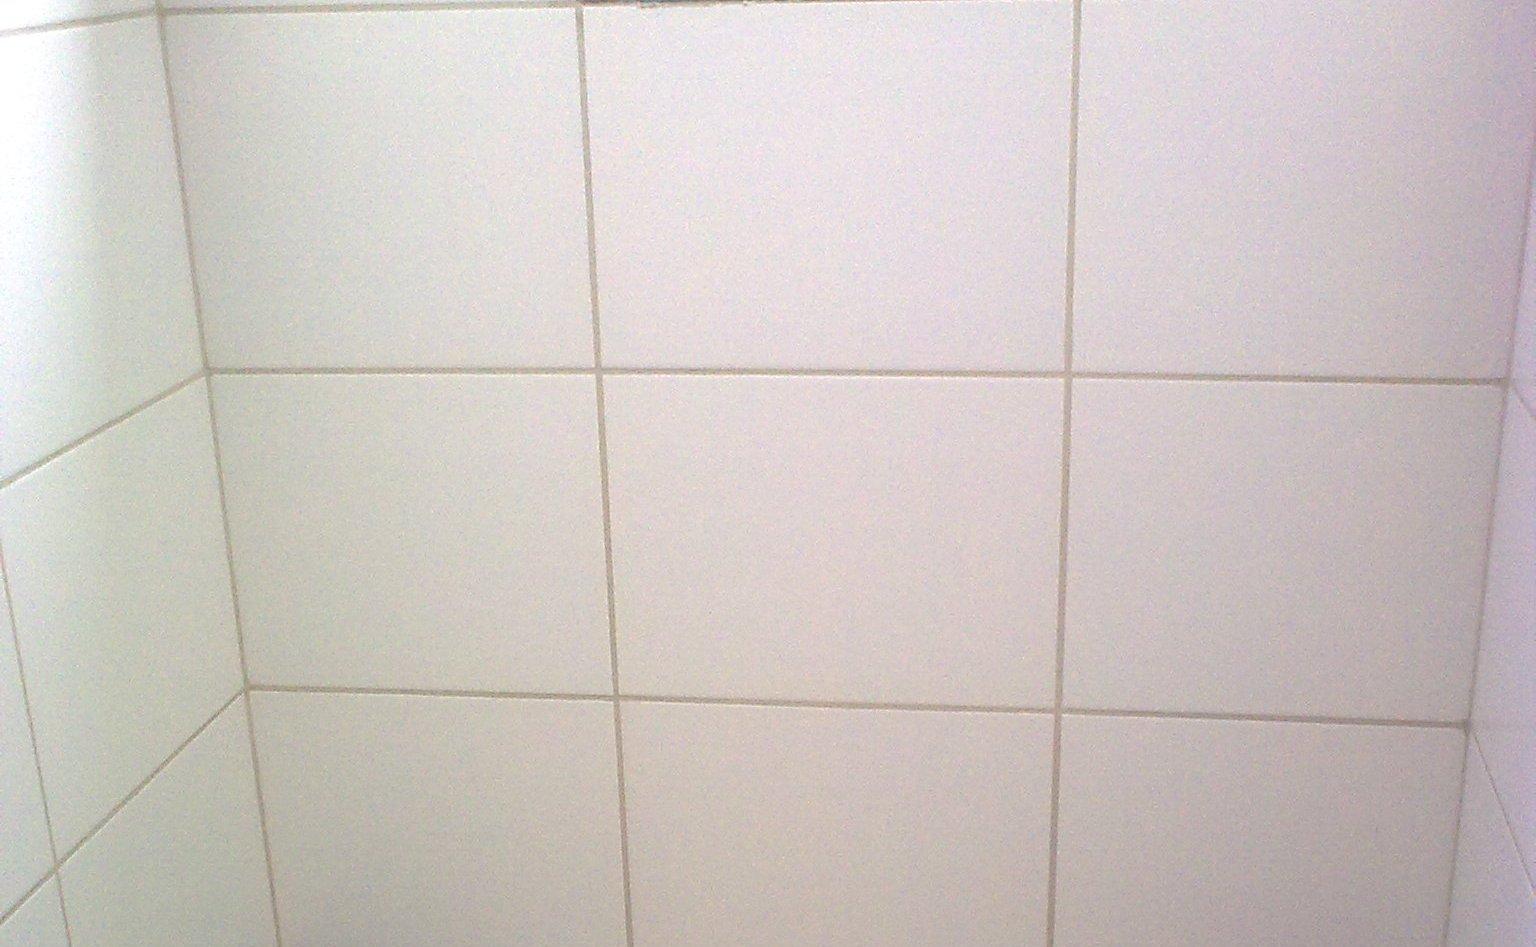 Foto do rejunte do banheiro social (tirada semana passada). Notem como  #71605A 1536x947 Banheiro Branco Com Rejunte Azul